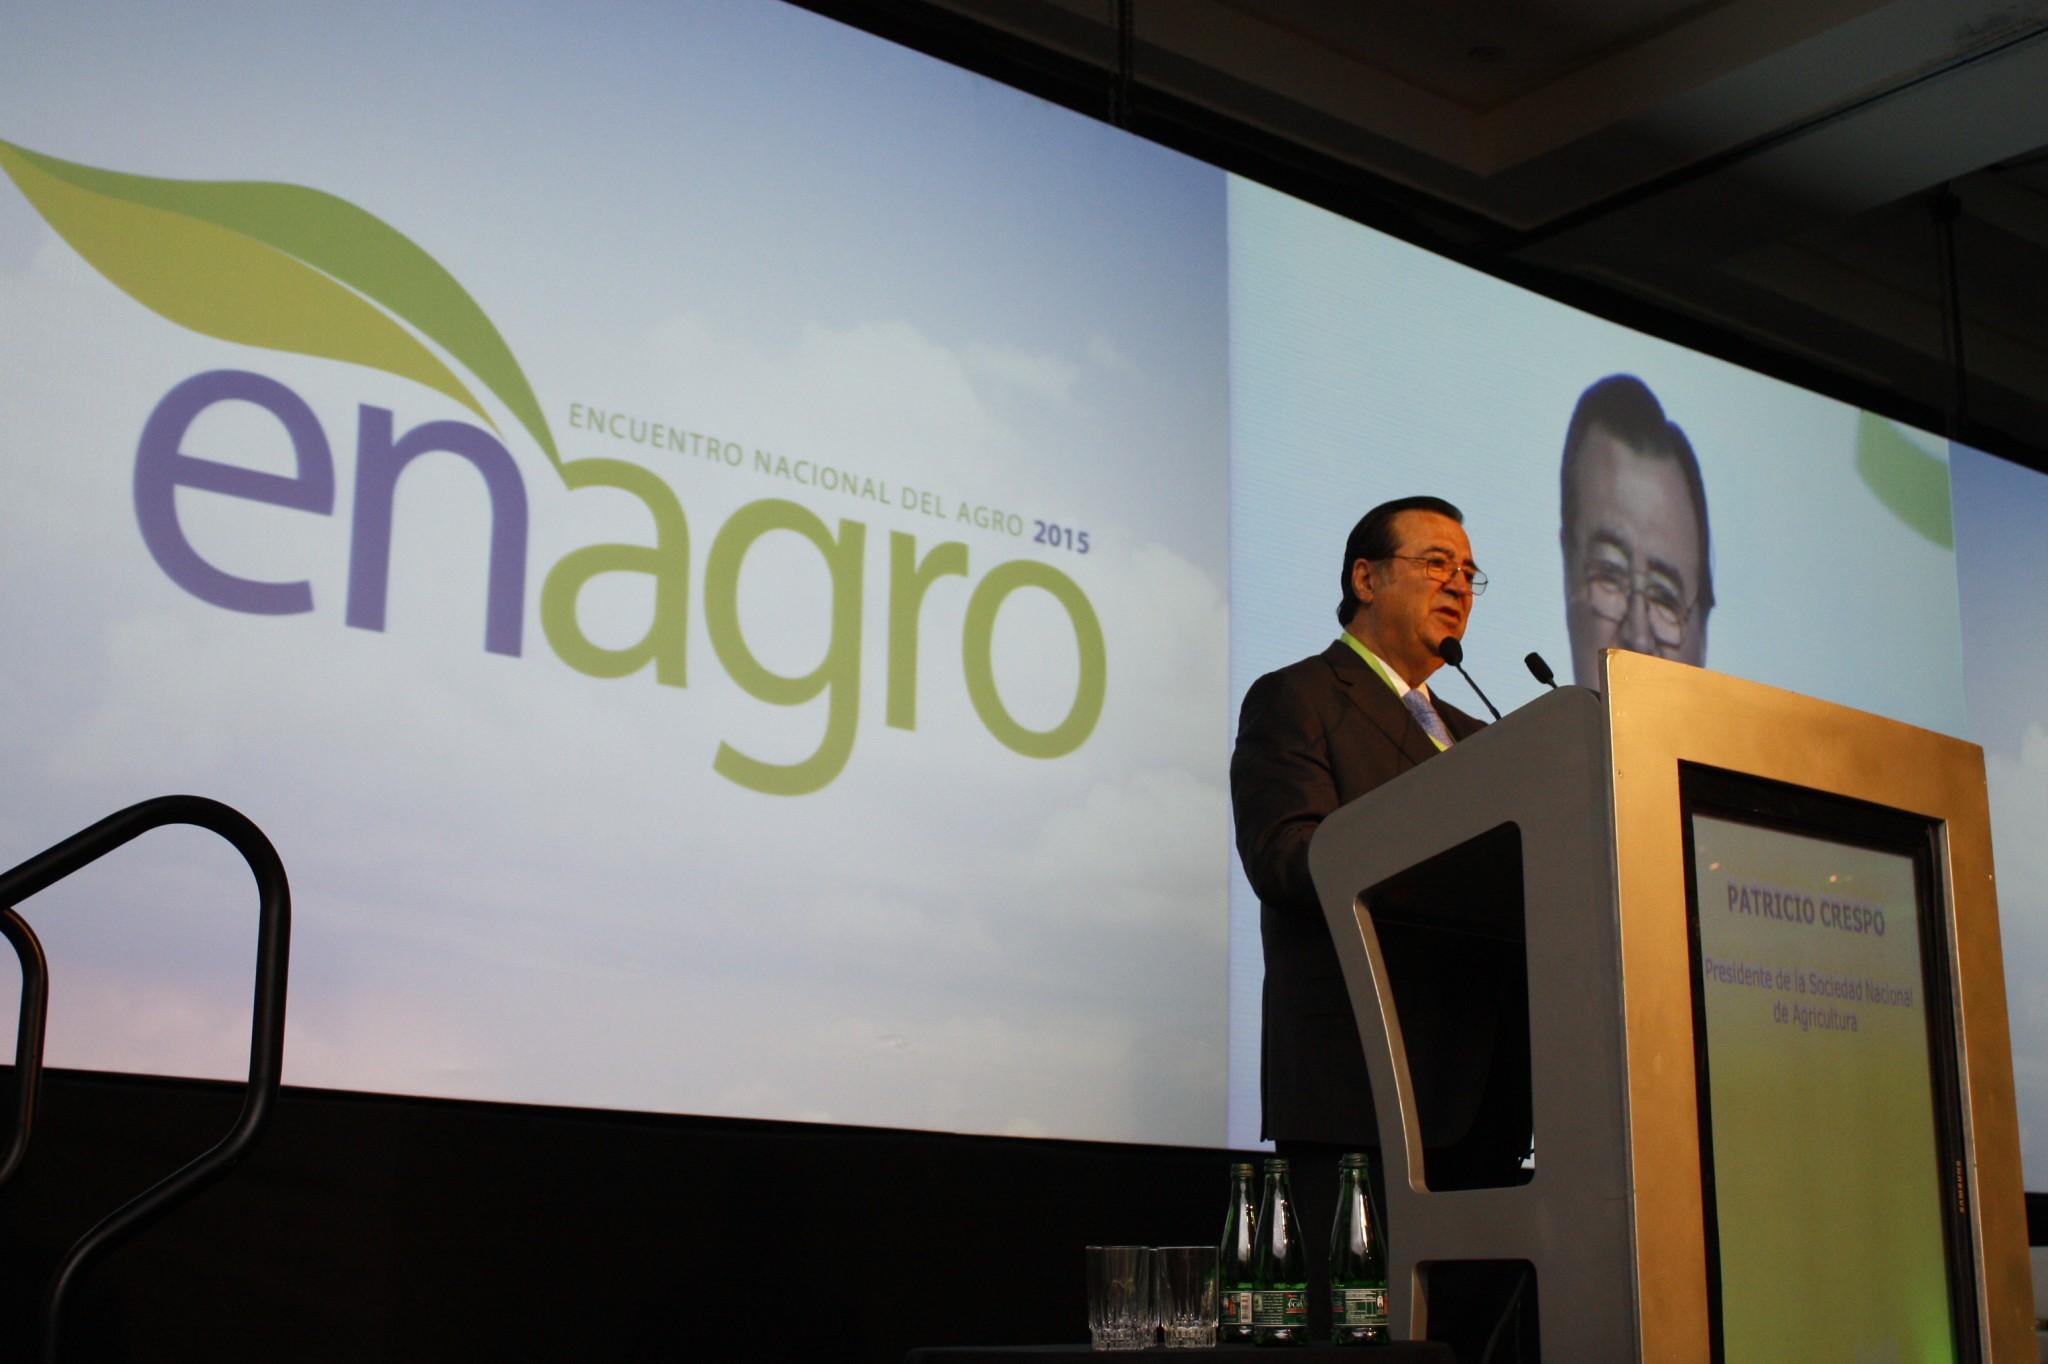 """SNA en Enagro 2015: """"Incertidumbres de las reformas están frenando a nuestro sector"""""""